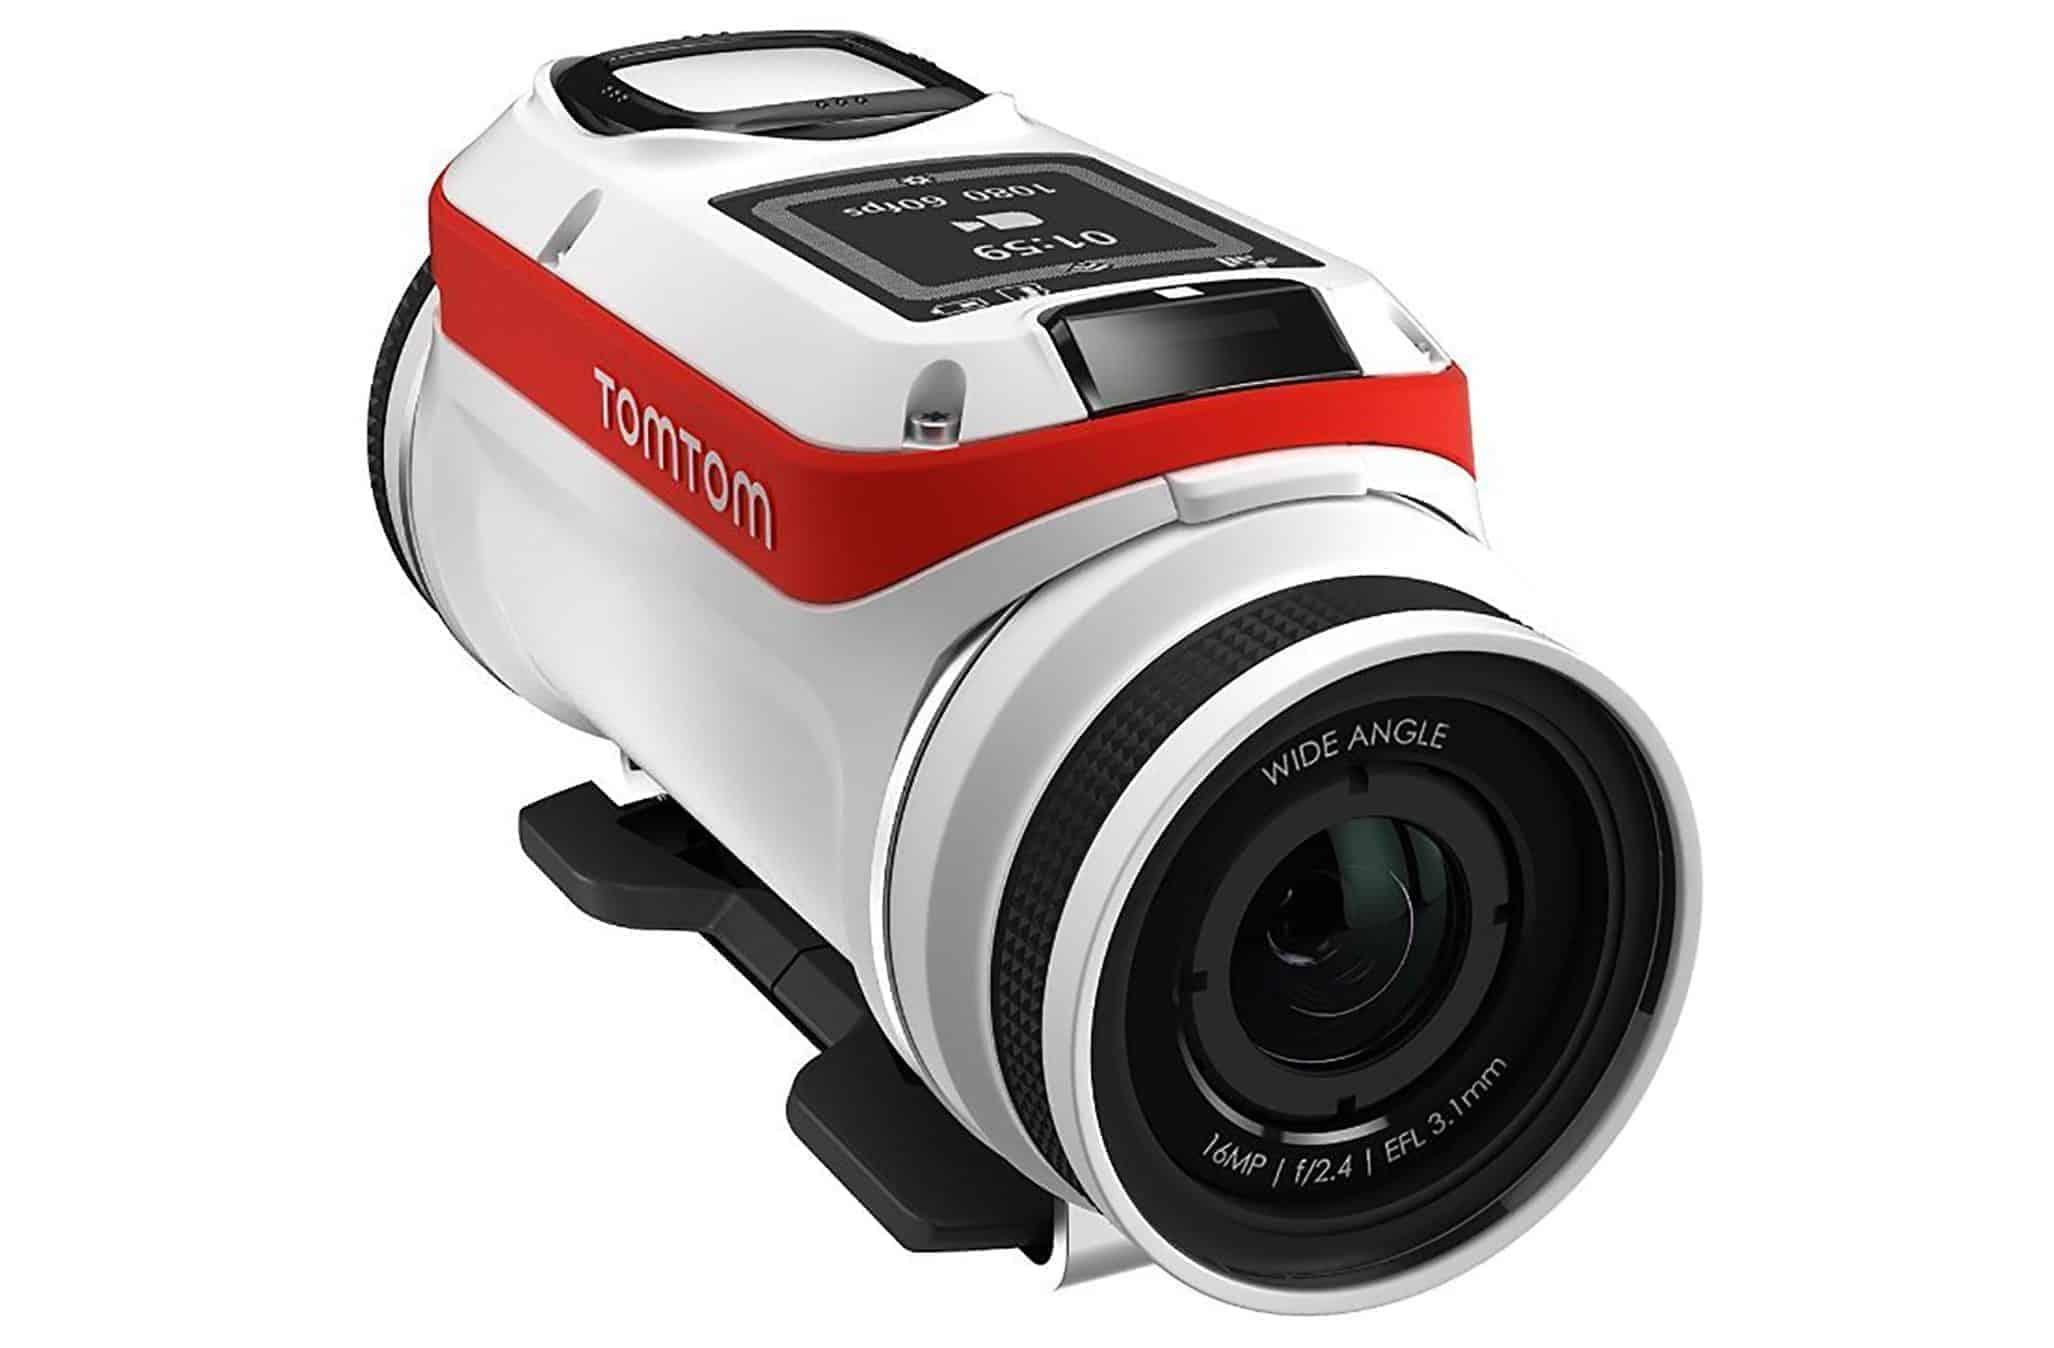 TomTom Bandit camcorder